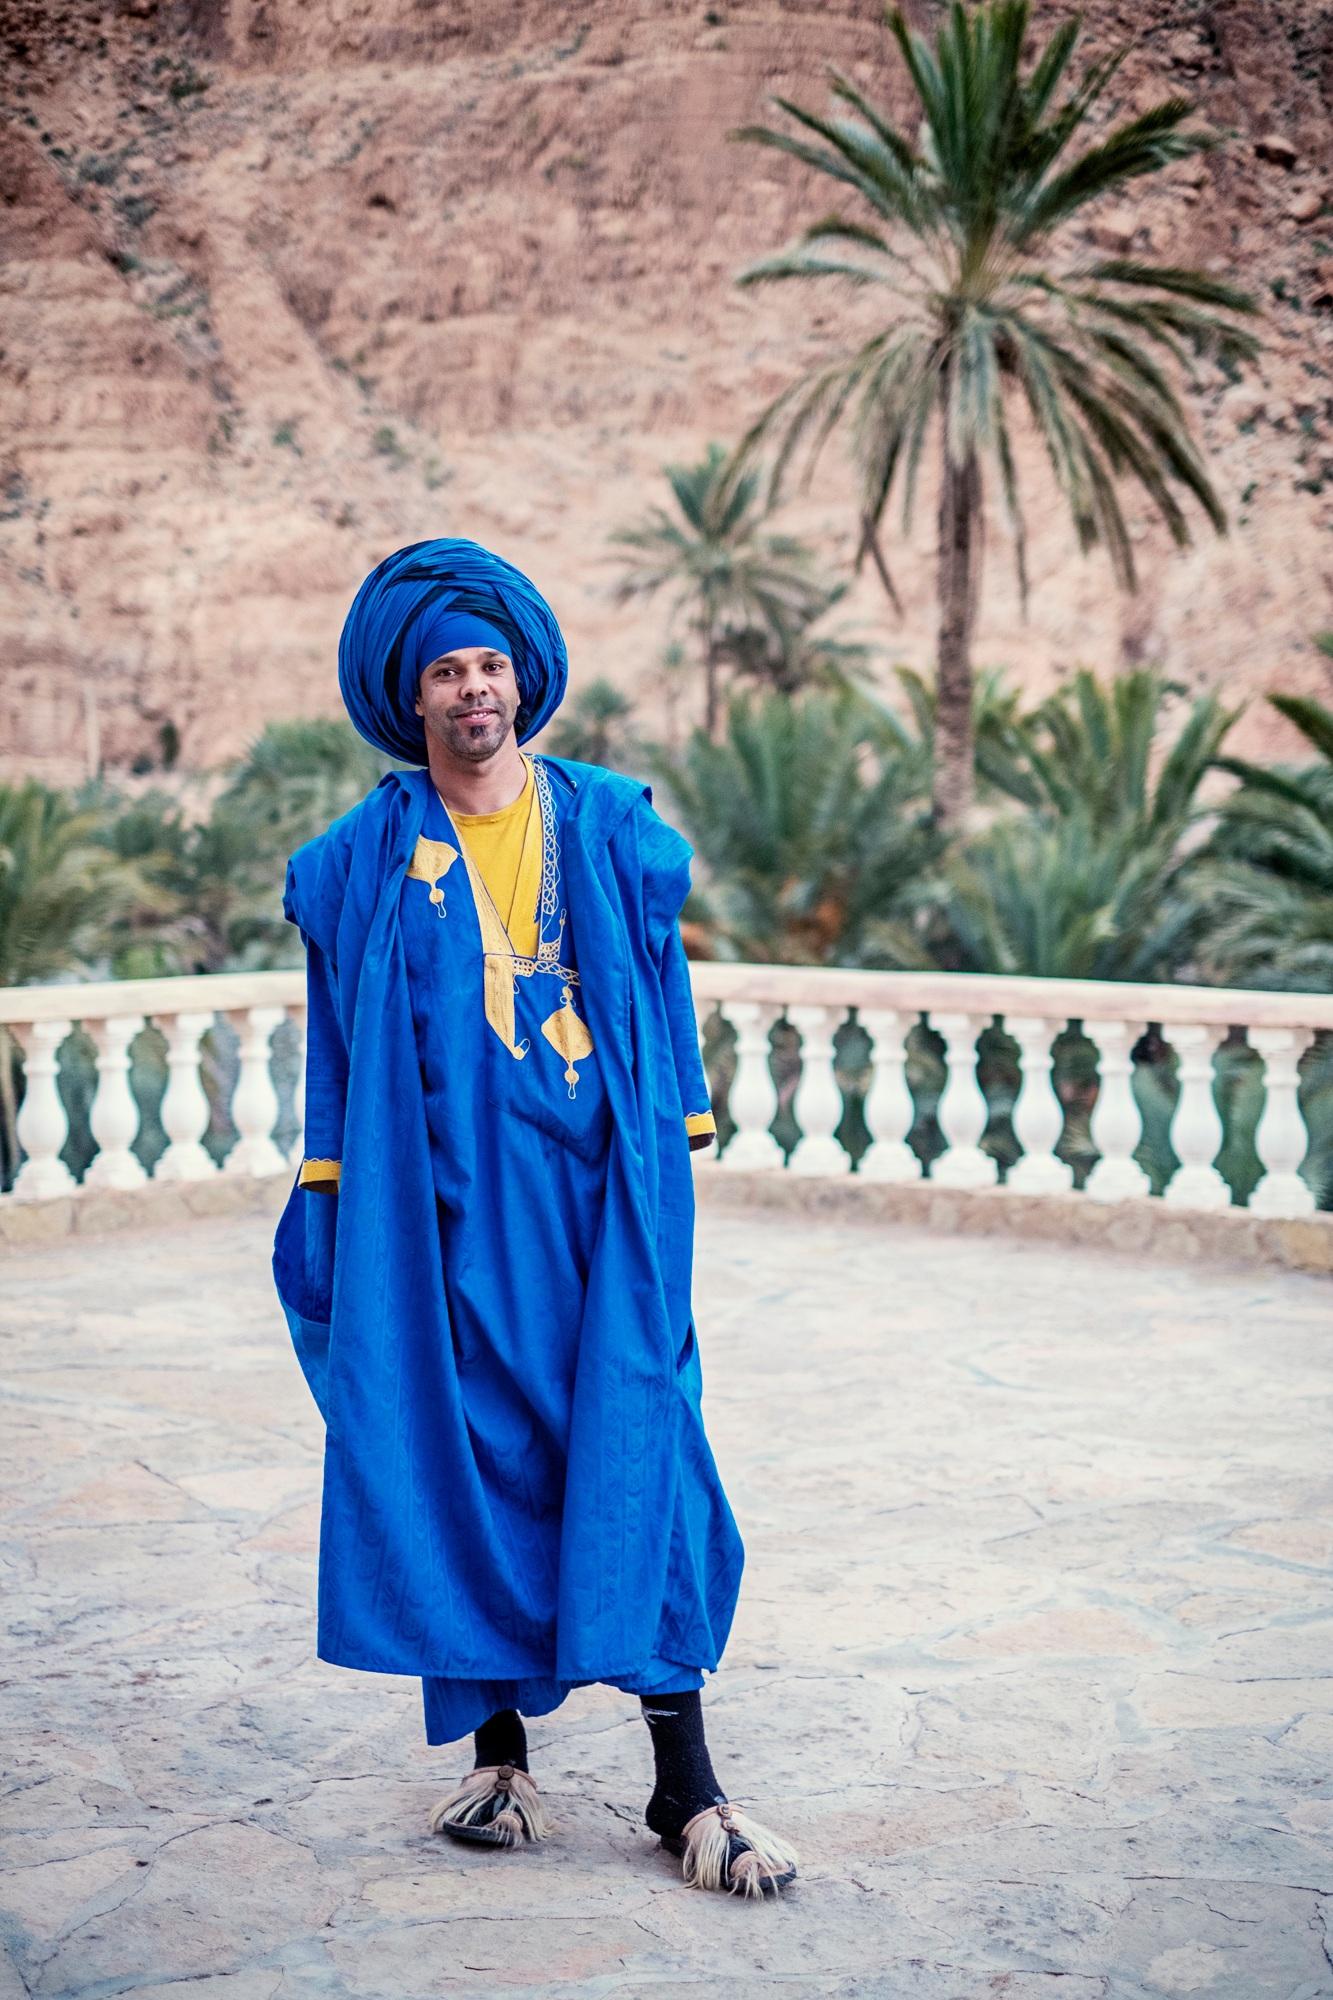 morocco_dscf5479.jpg